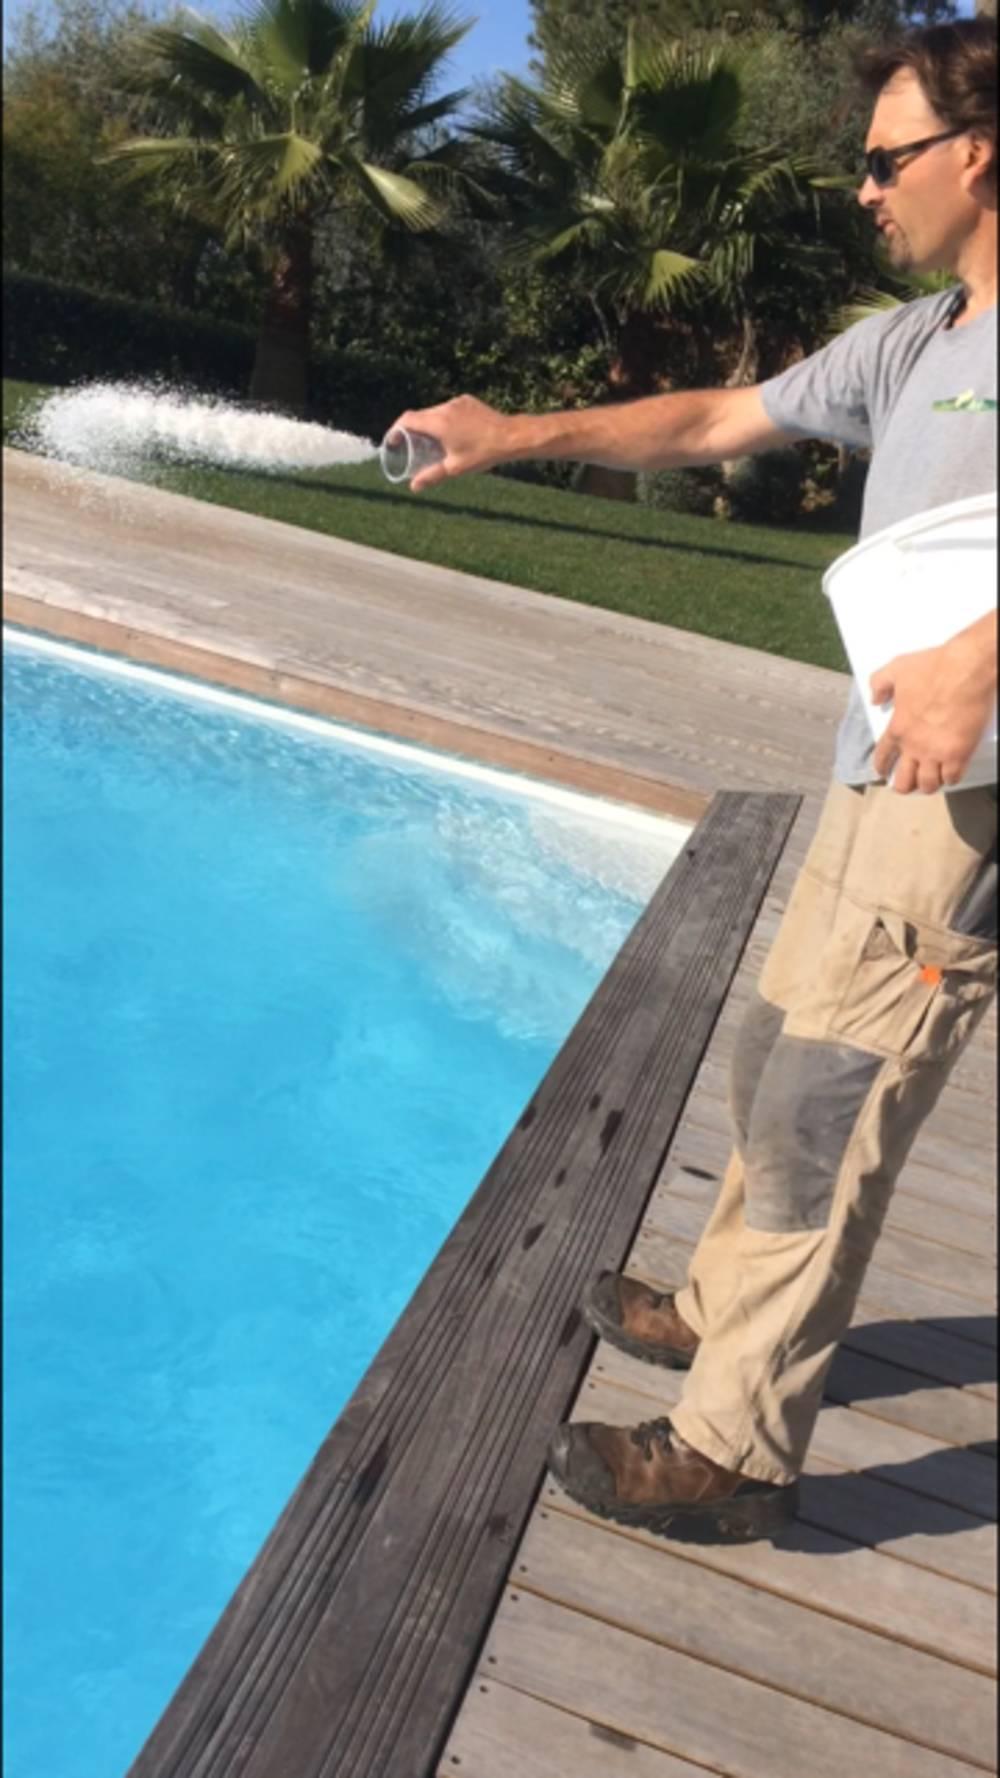 Entretien de piscine artisan paysagiste cannes bocca for Entretien de piscine